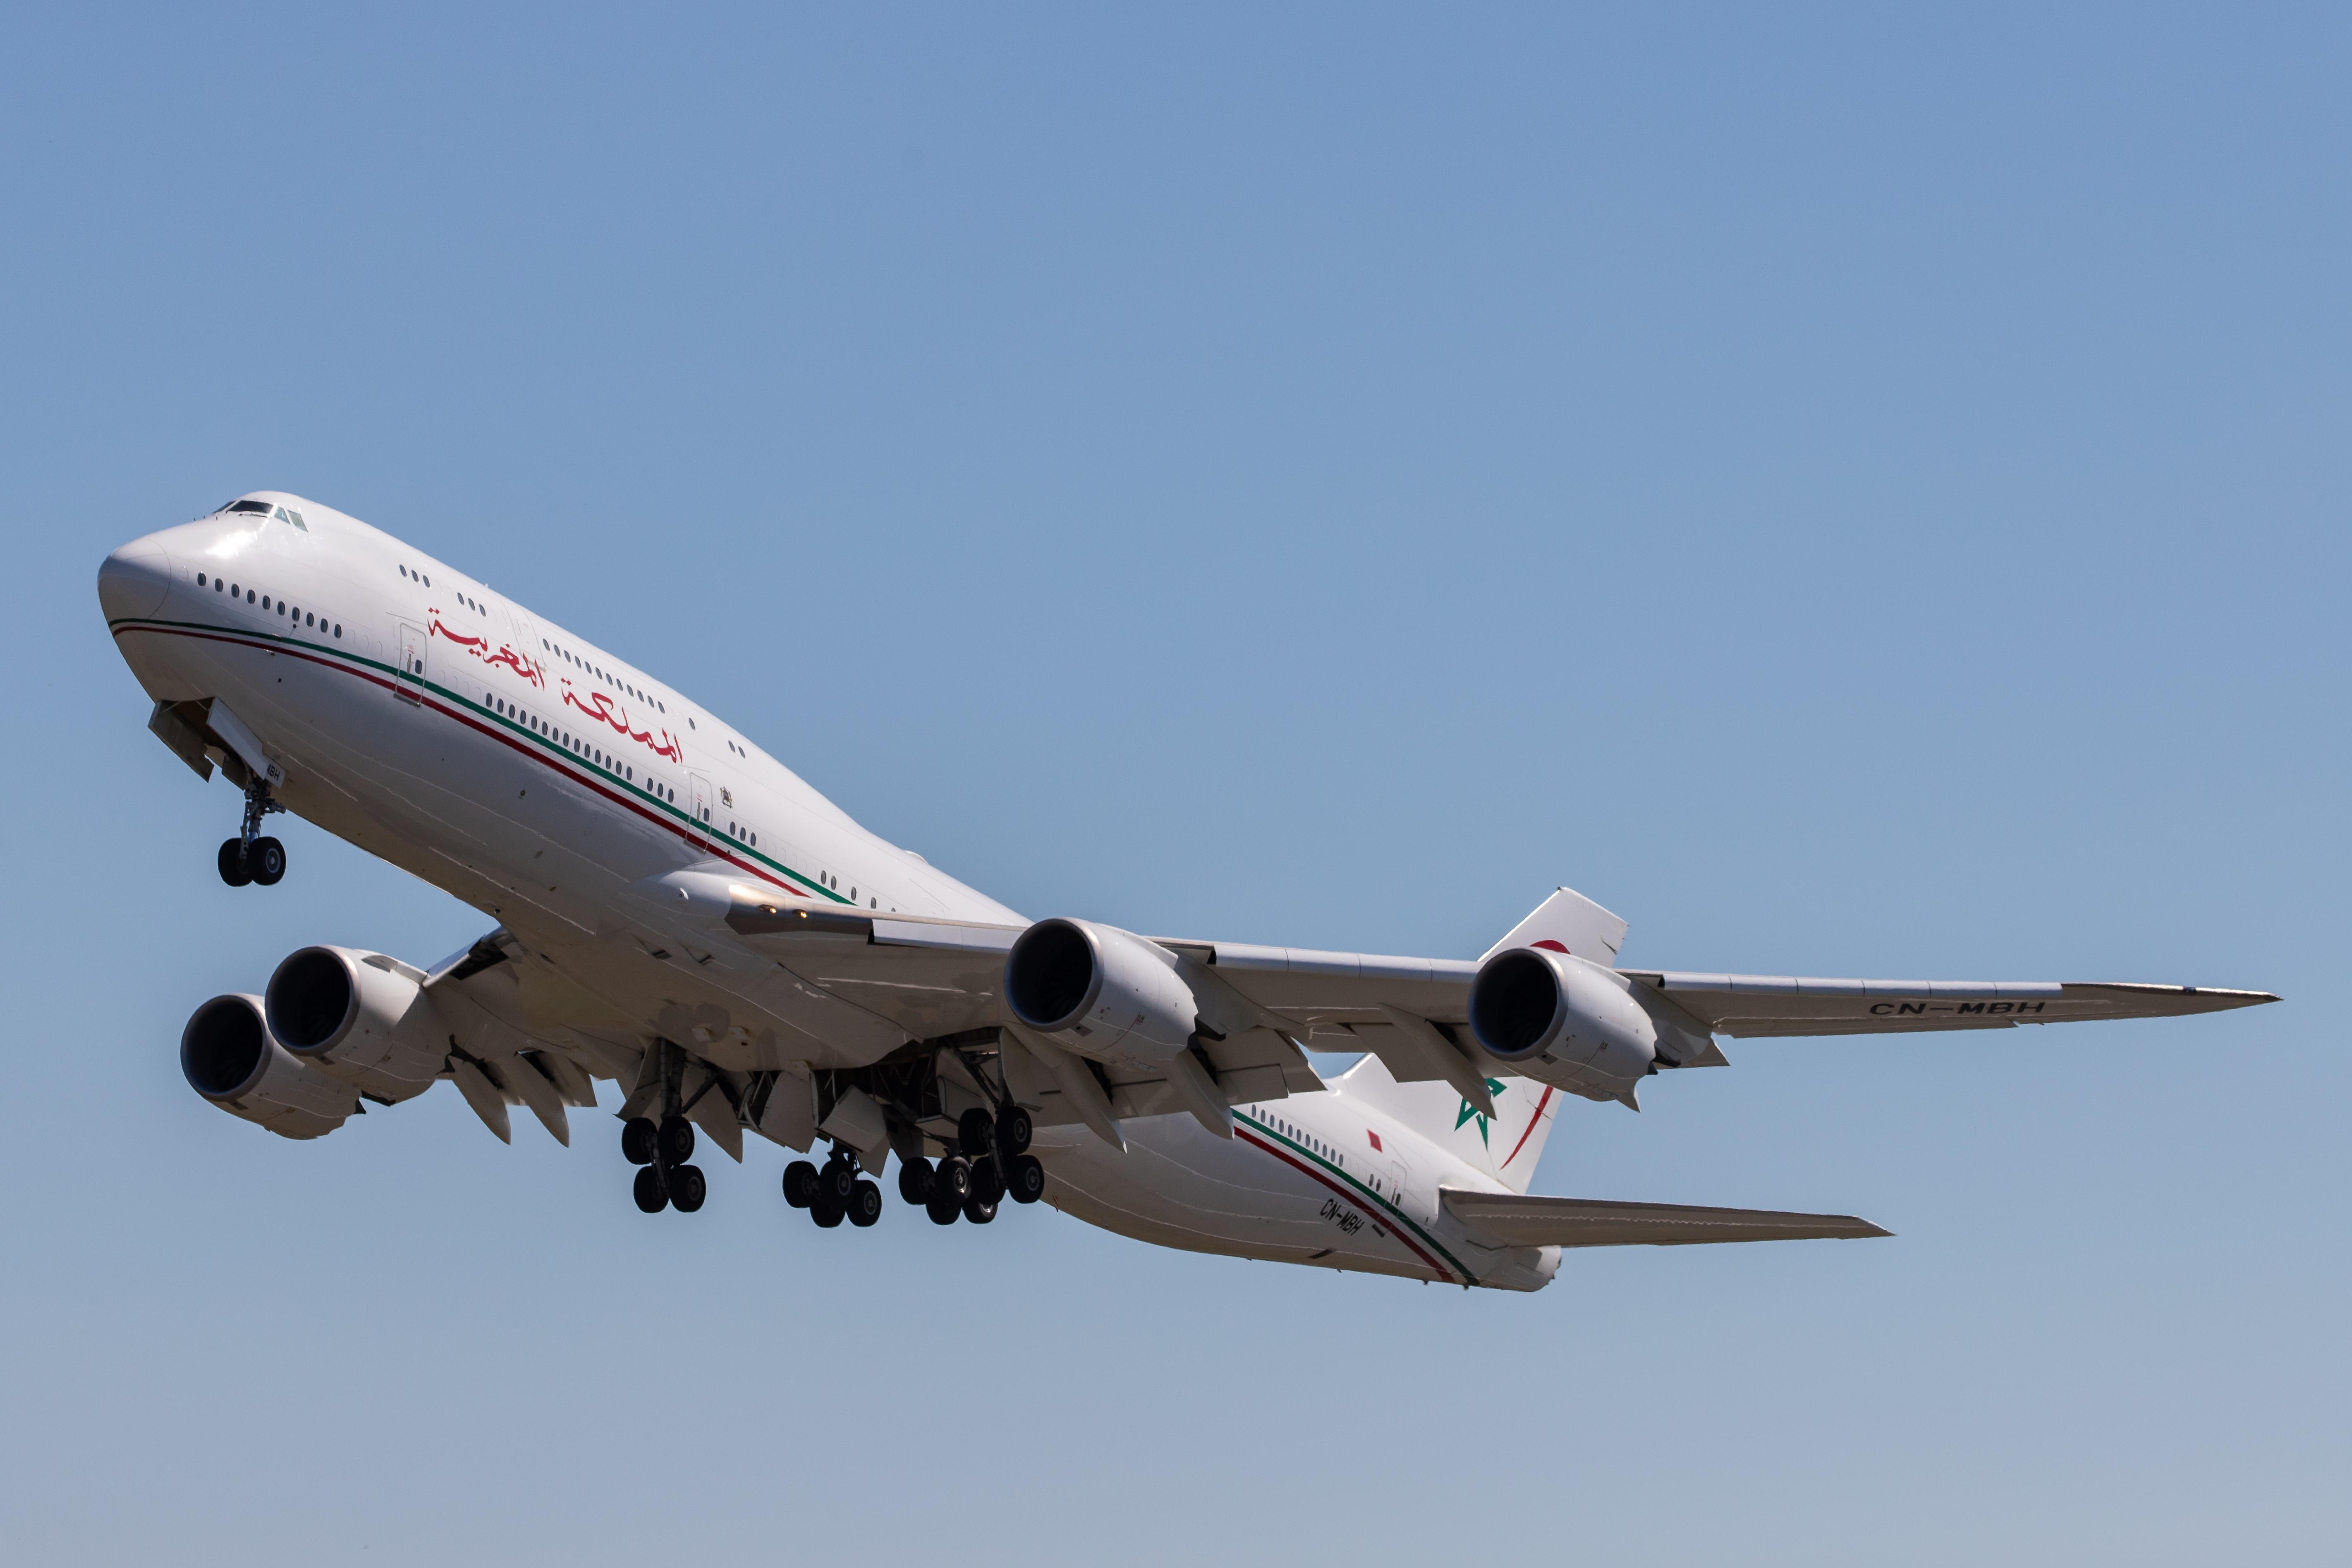 FRA: Avions VIP, Liaison & ECM - Page 24 49823303536_84068bc5f5_o_d